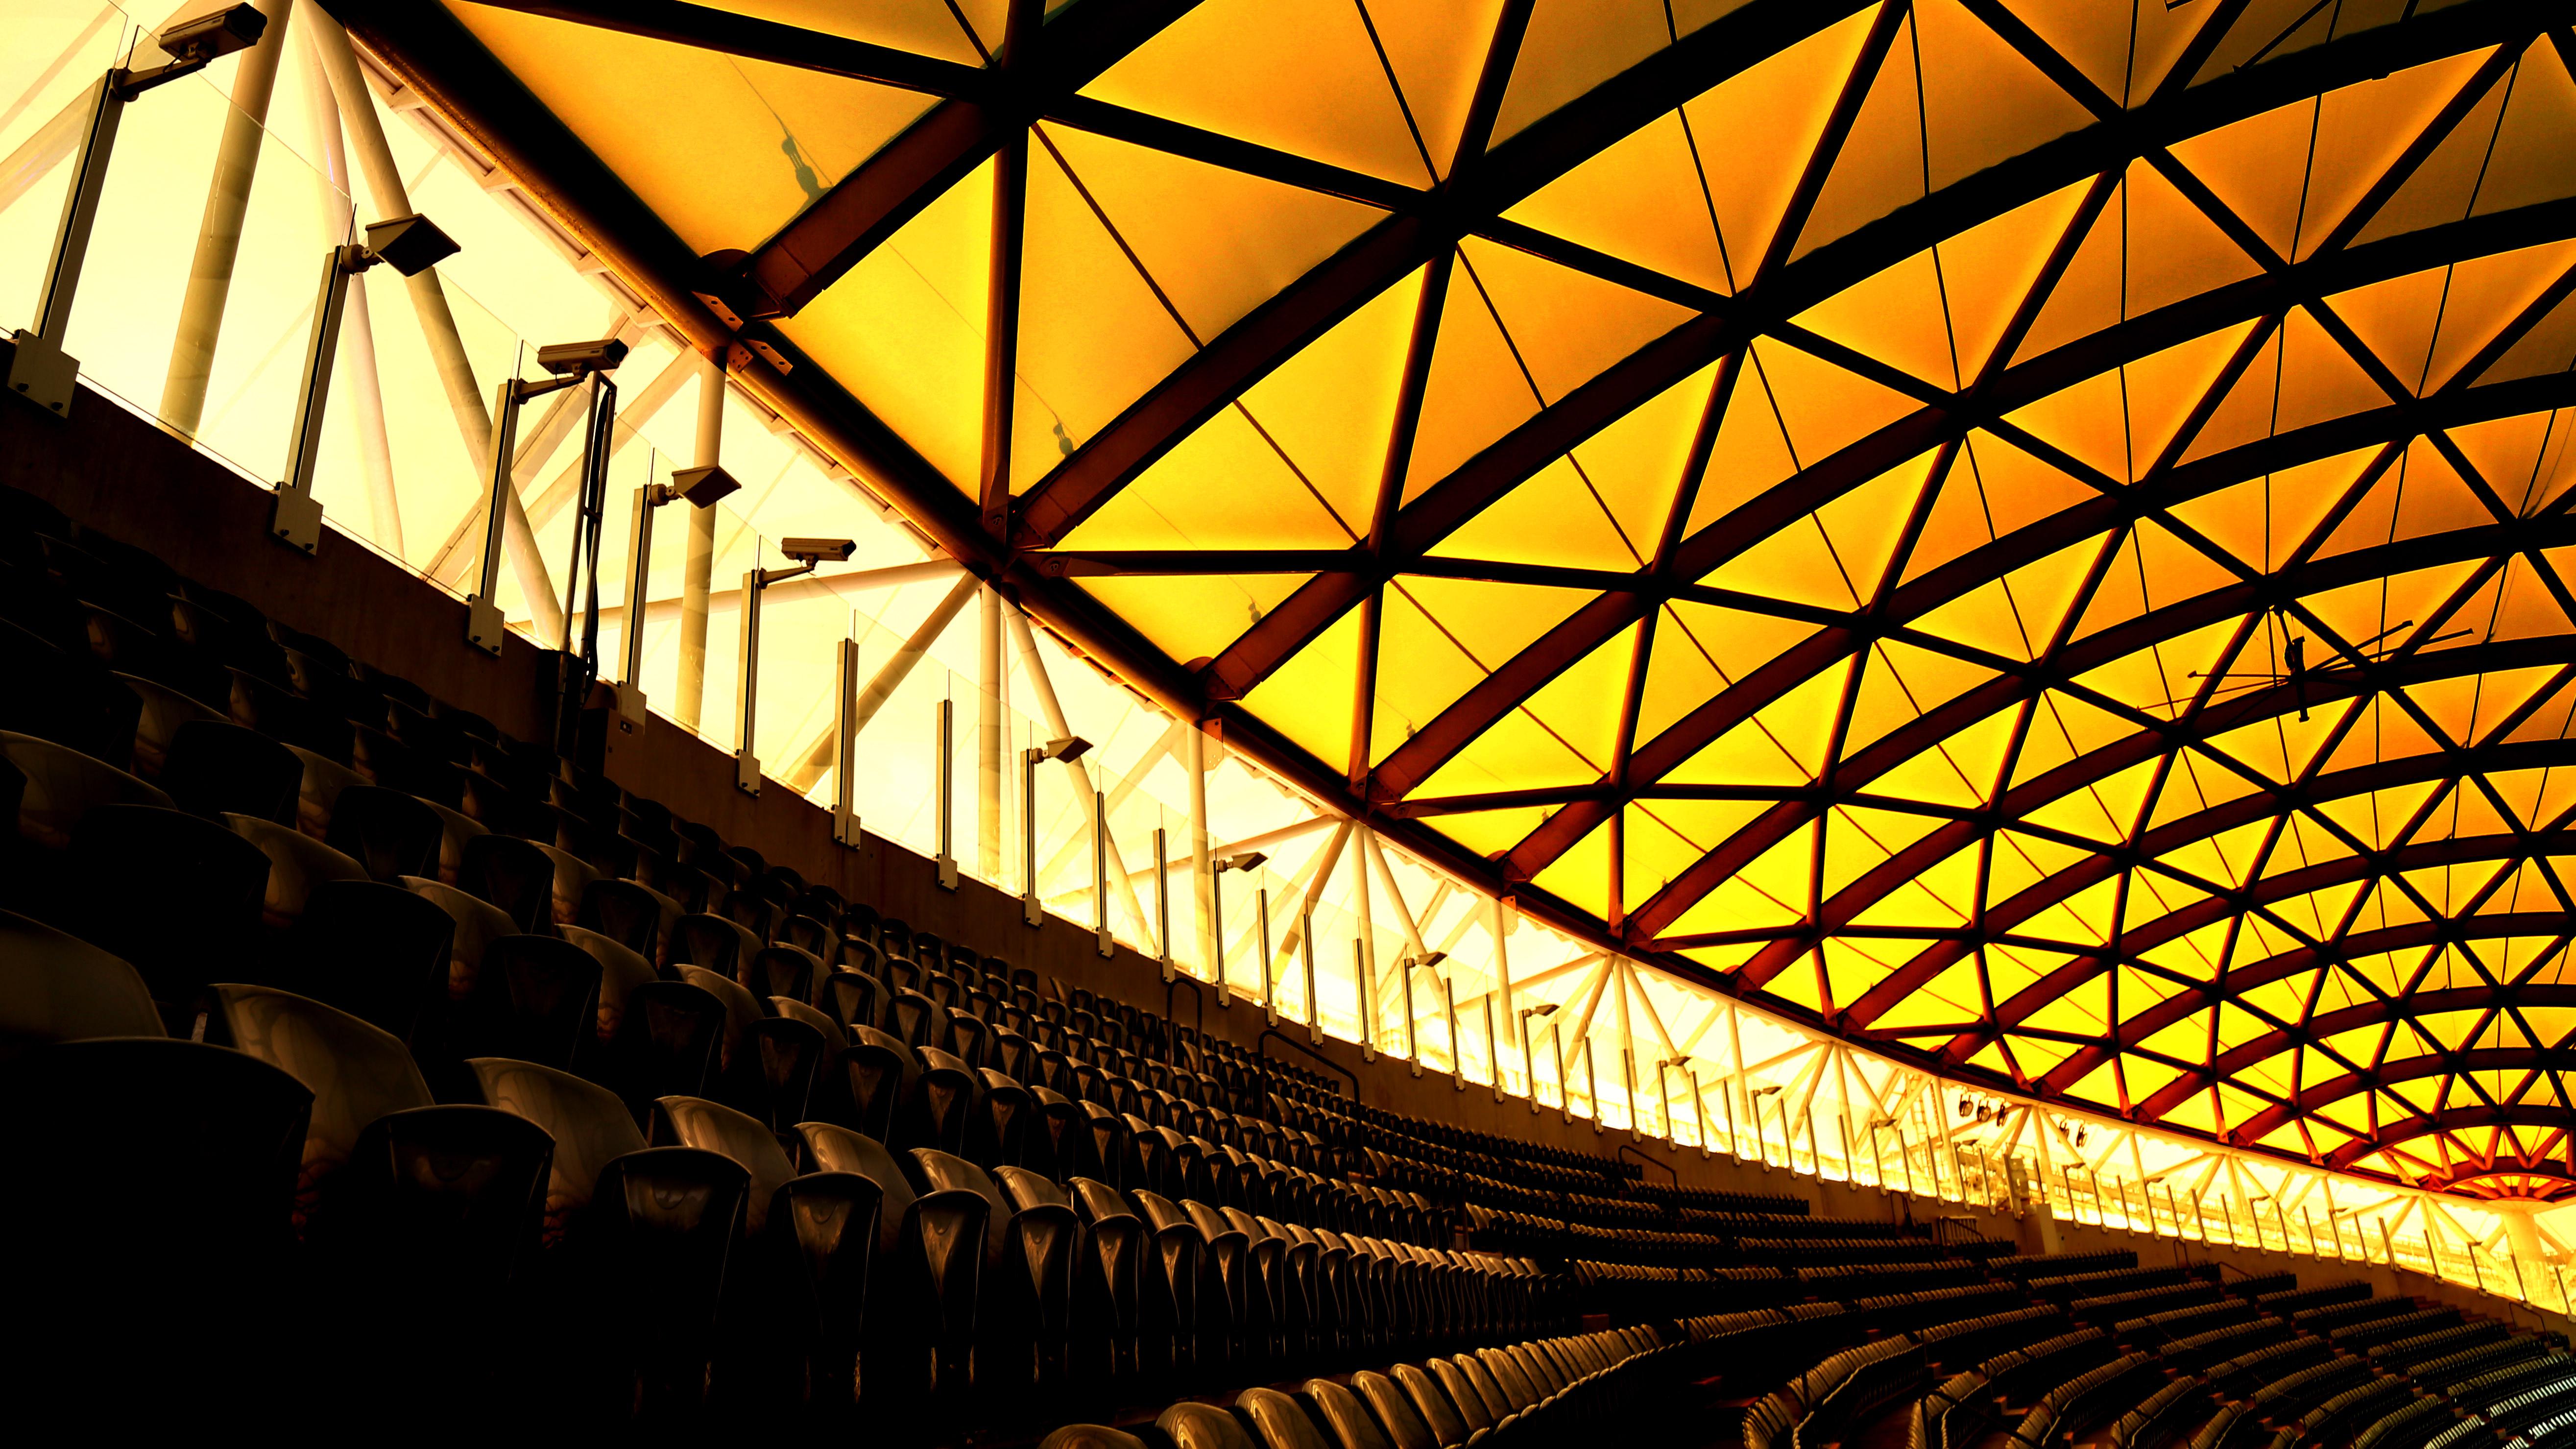 Moderne Stehlen Design kostenlose foto licht die architektur struktur reihe